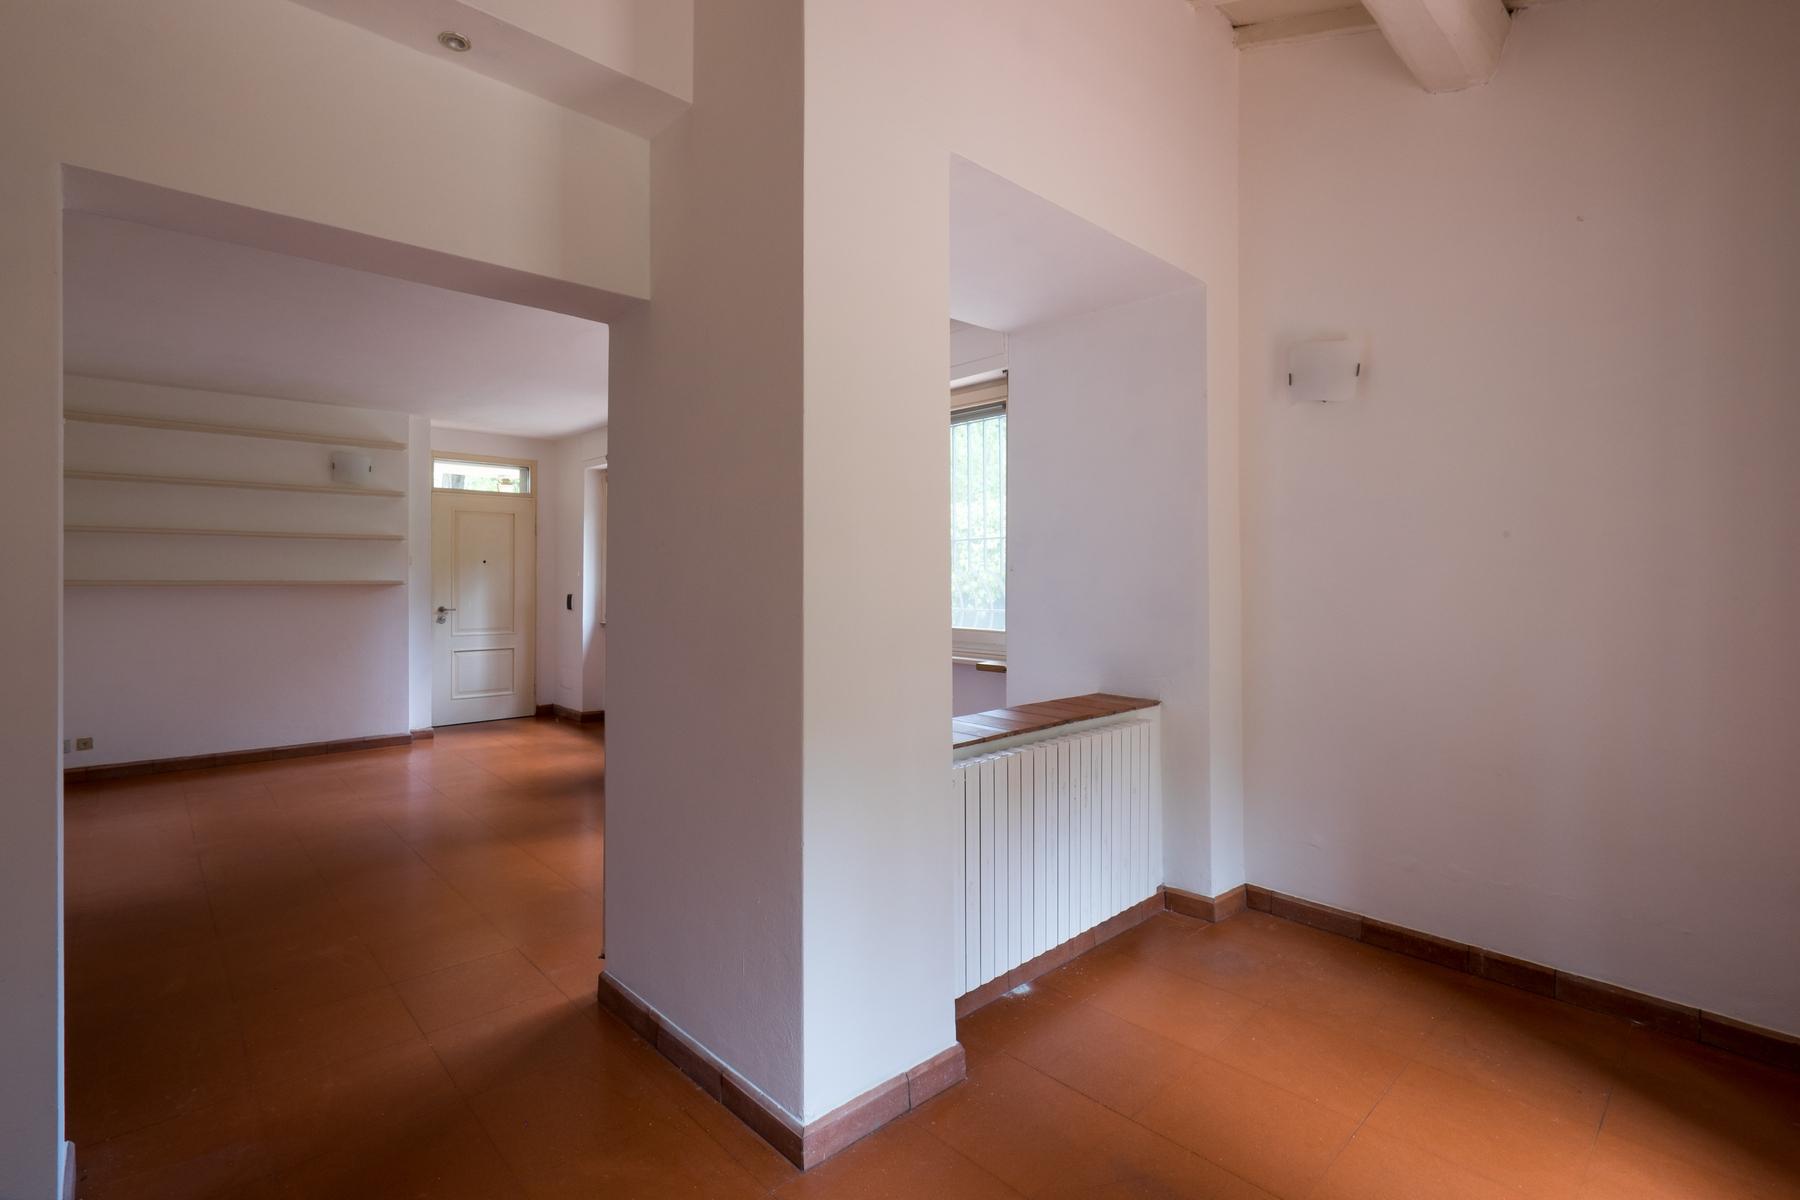 Appartamento in Vendita a Firenze: 5 locali, 82 mq - Foto 5